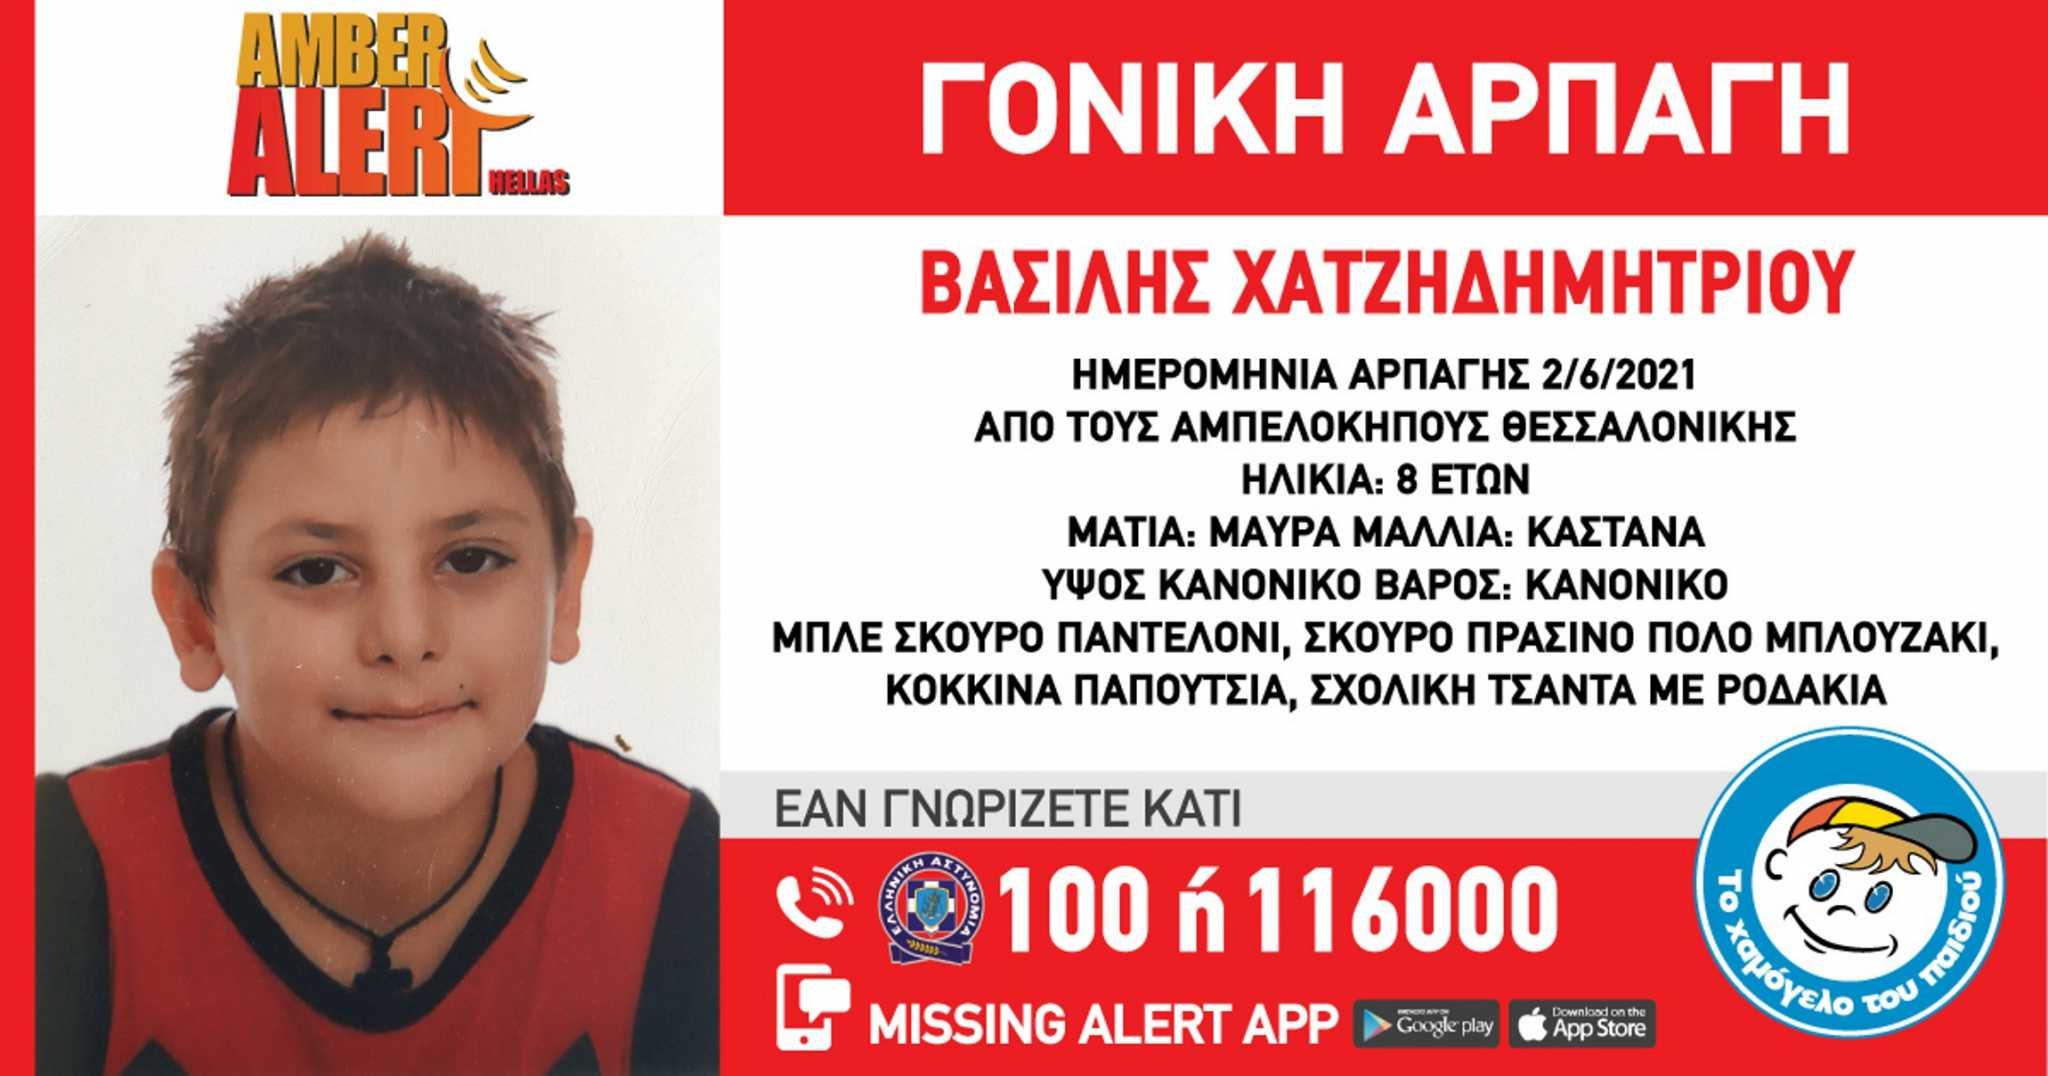 Αρπαγή 8 χρονού από σχολείο στην Θεσσαλονίκη